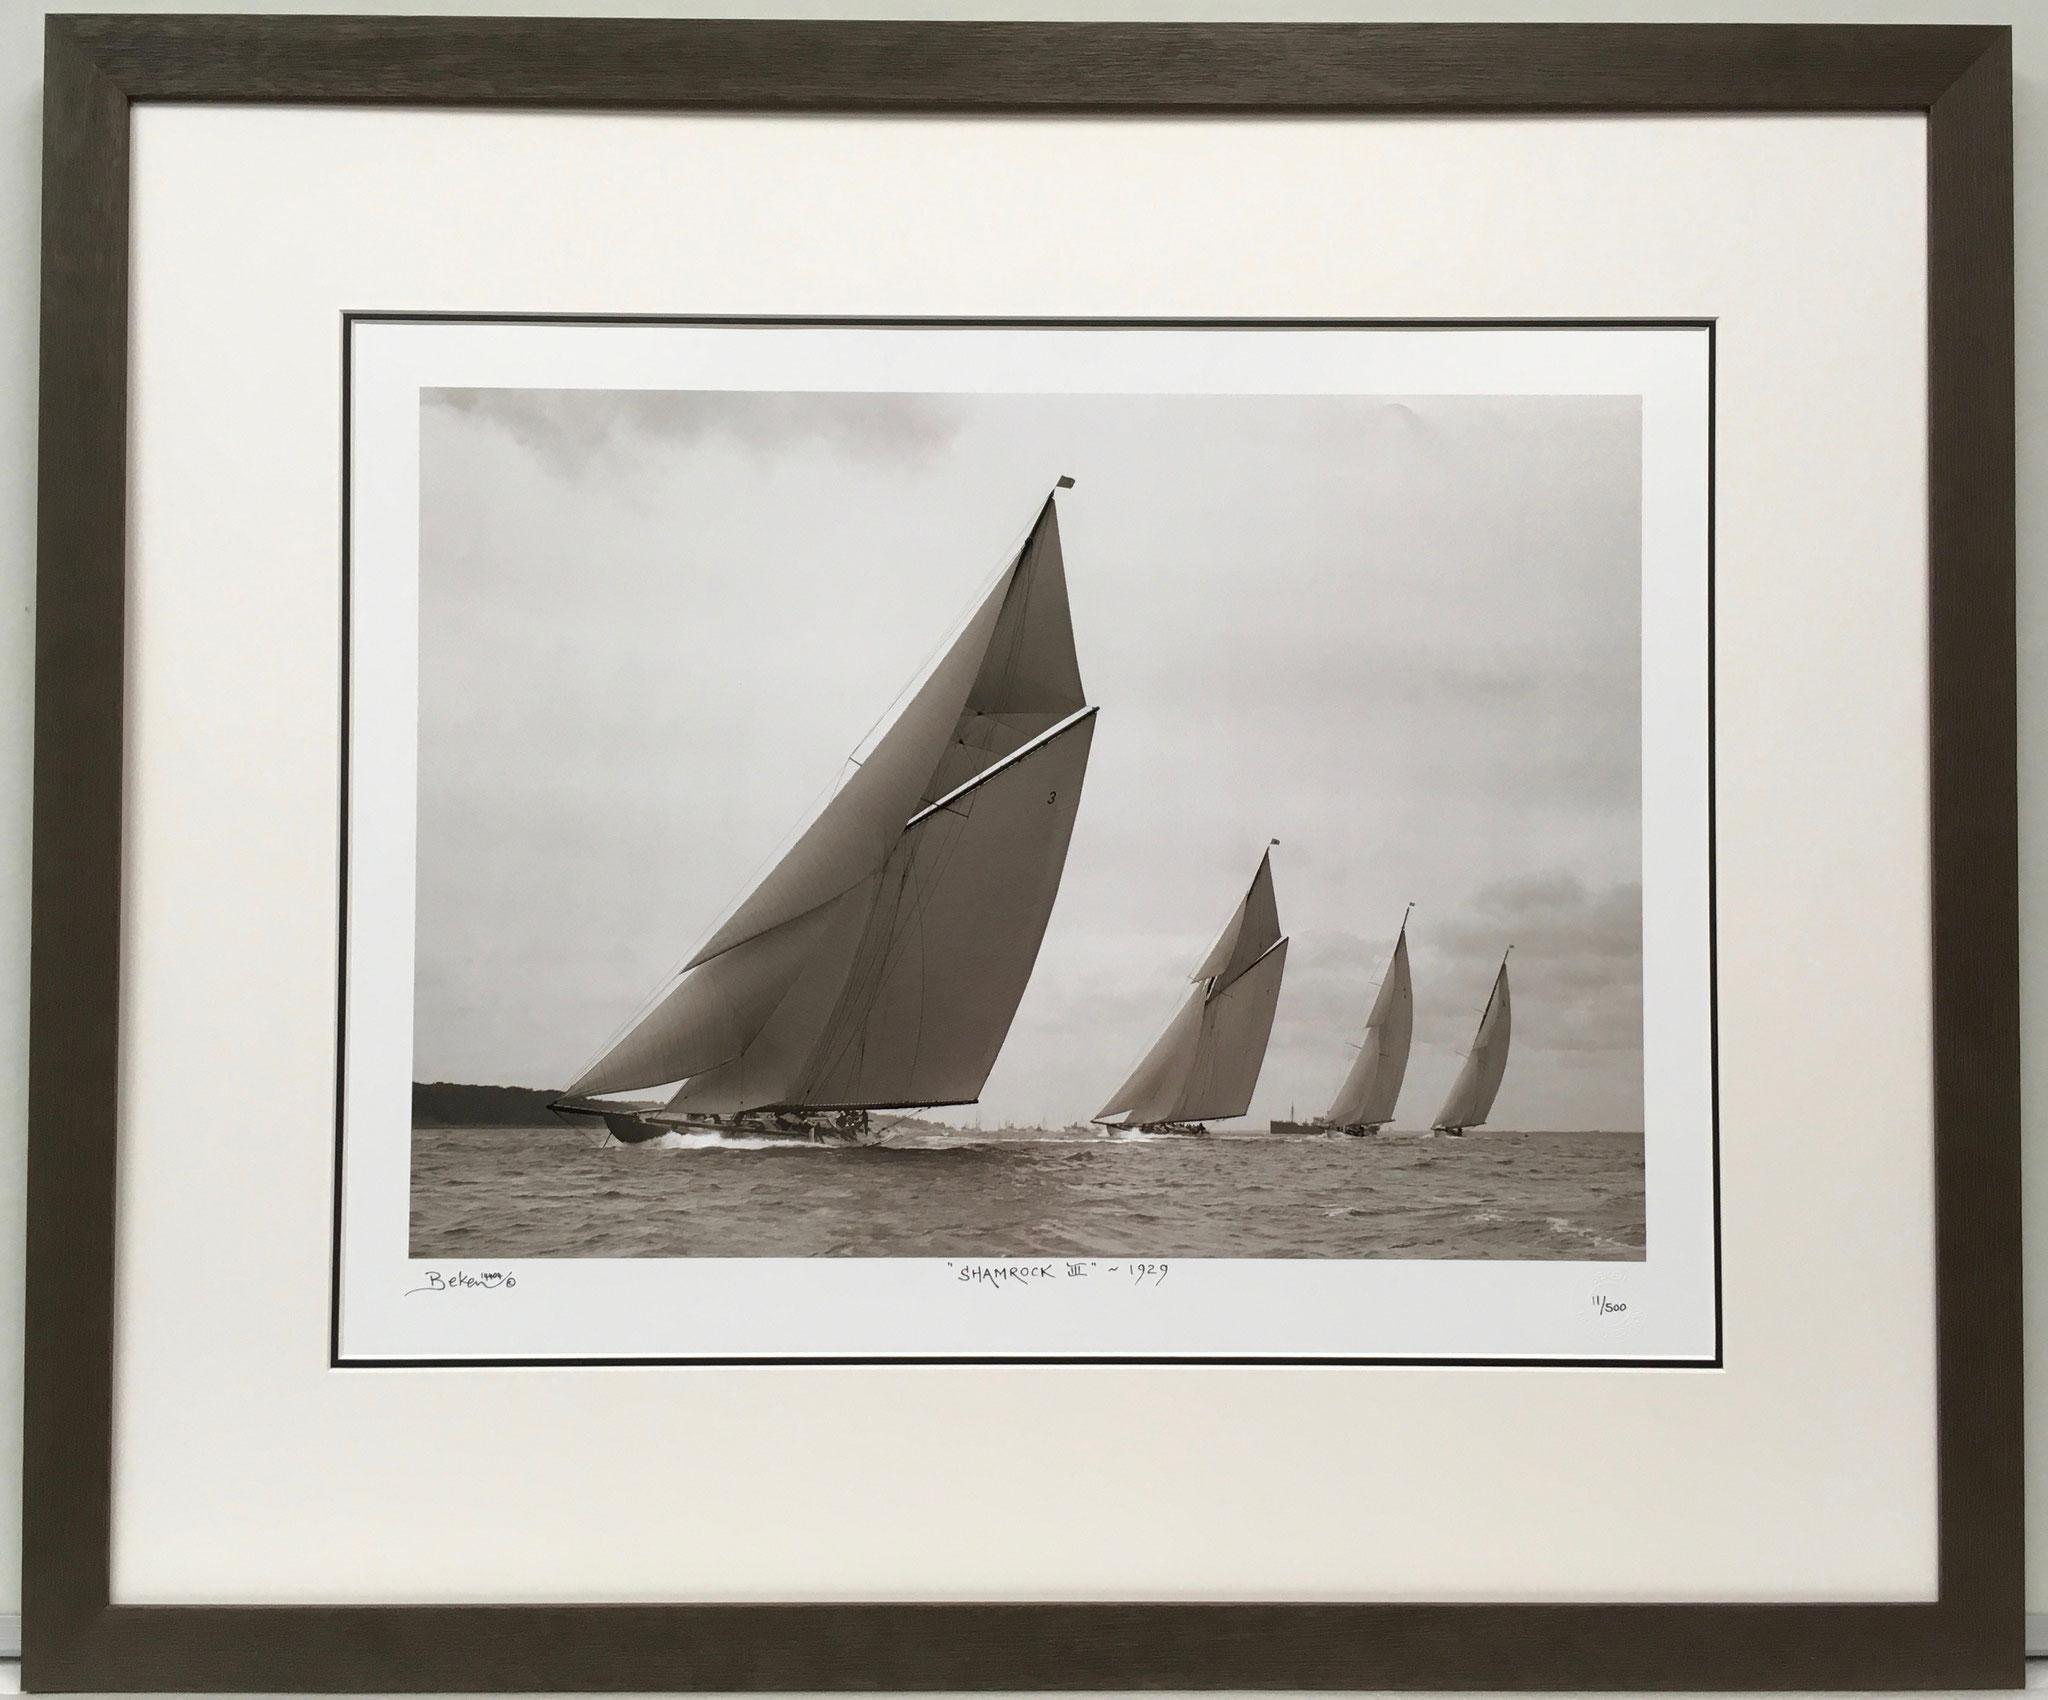 Hochwertige Fotografie mit Doppelpassepartout und Artglas